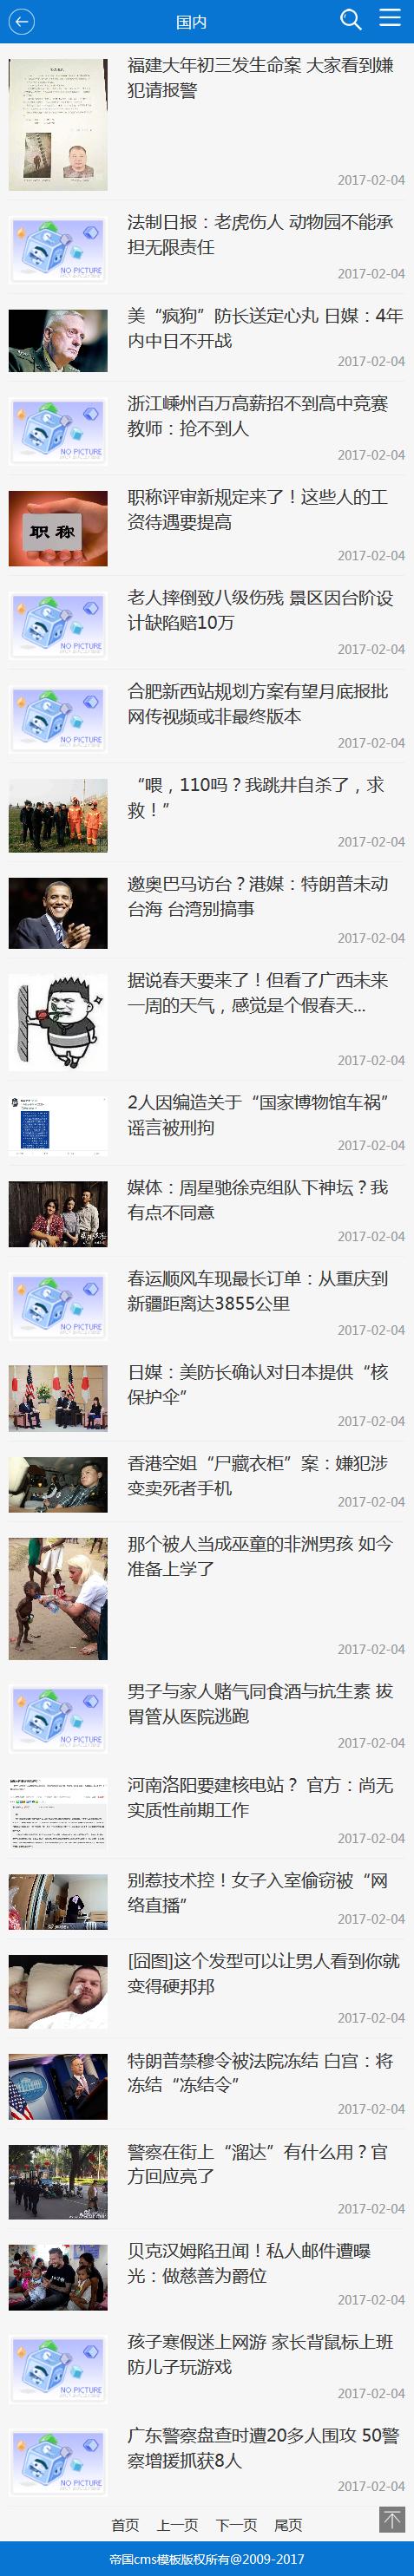 帝国cms手机模板之蓝色新闻资讯类模板【可以改颜色】_列表模板